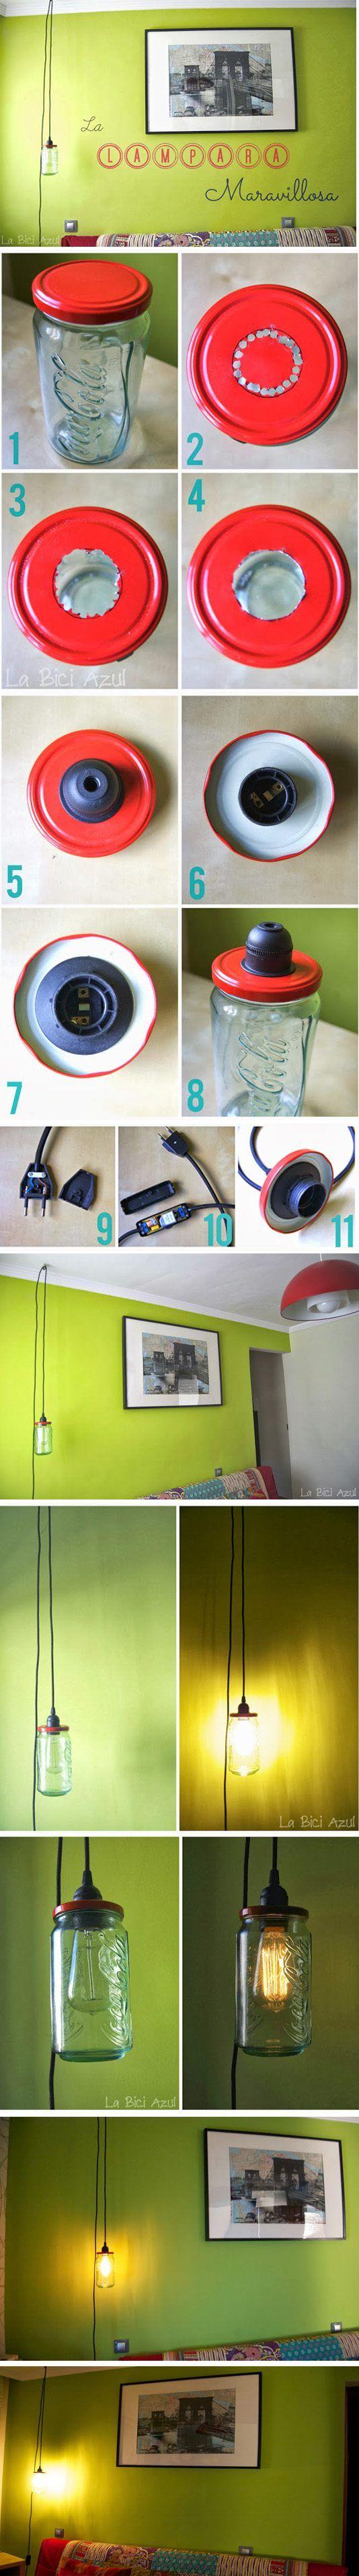 Lámpara DIY con un tarro - labiciazul.es - DIY Mason Jar Lamp